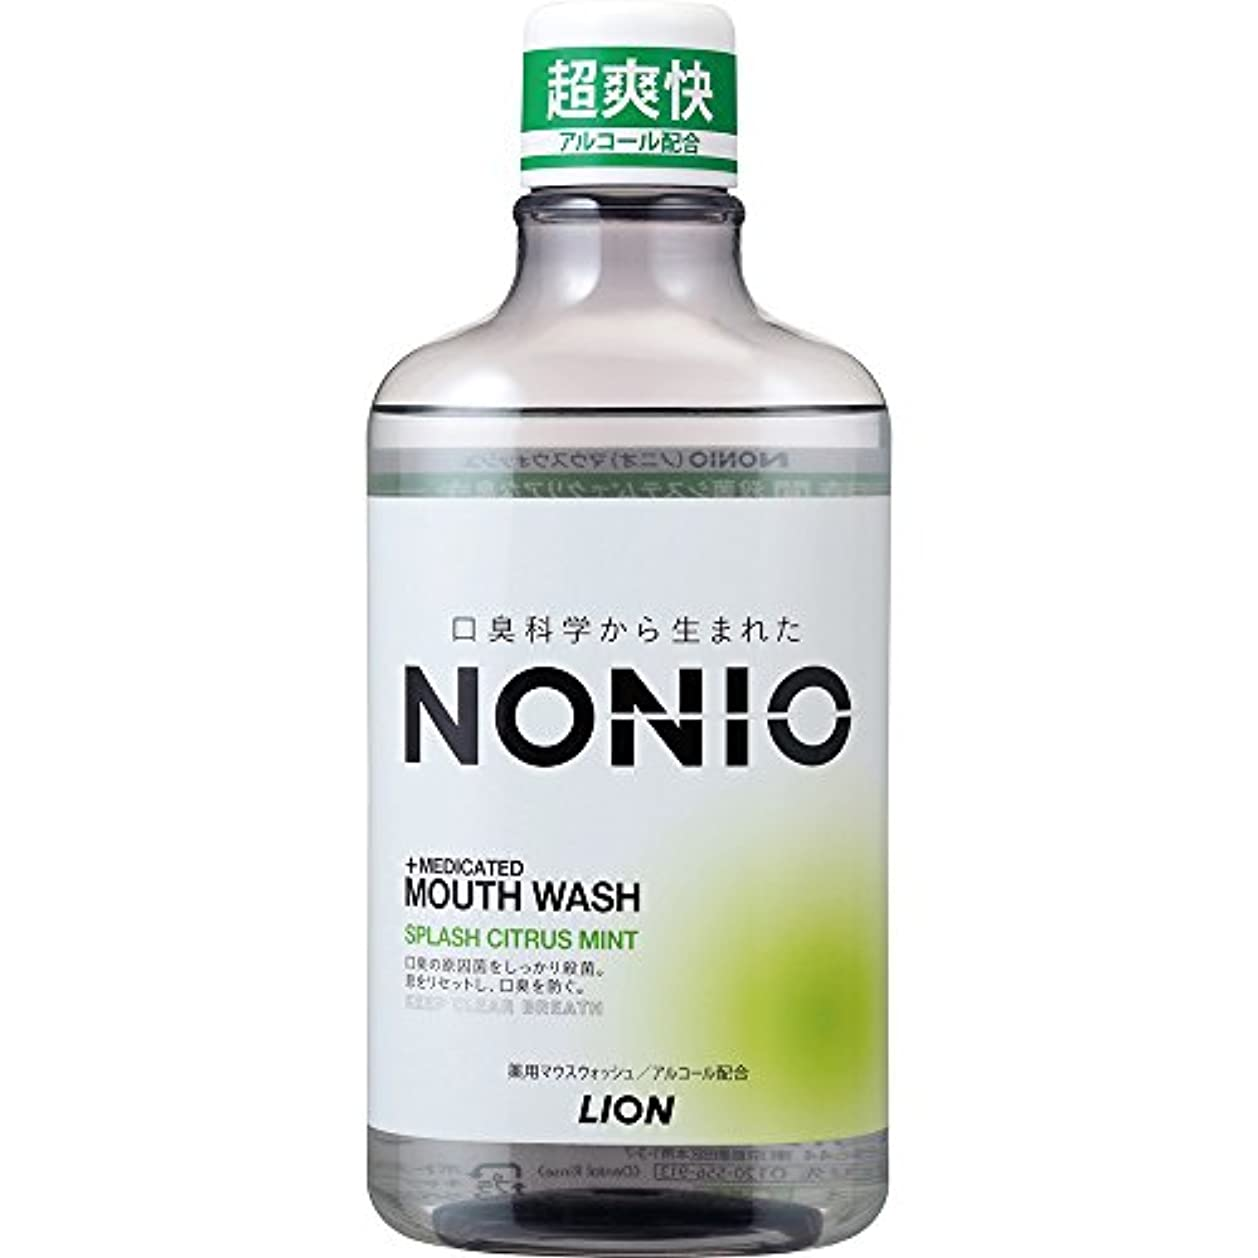 マルクス主義最小真鍮[医薬部外品]NONIO マウスウォッシュ スプラッシュシトラスミント 600ml 洗口液